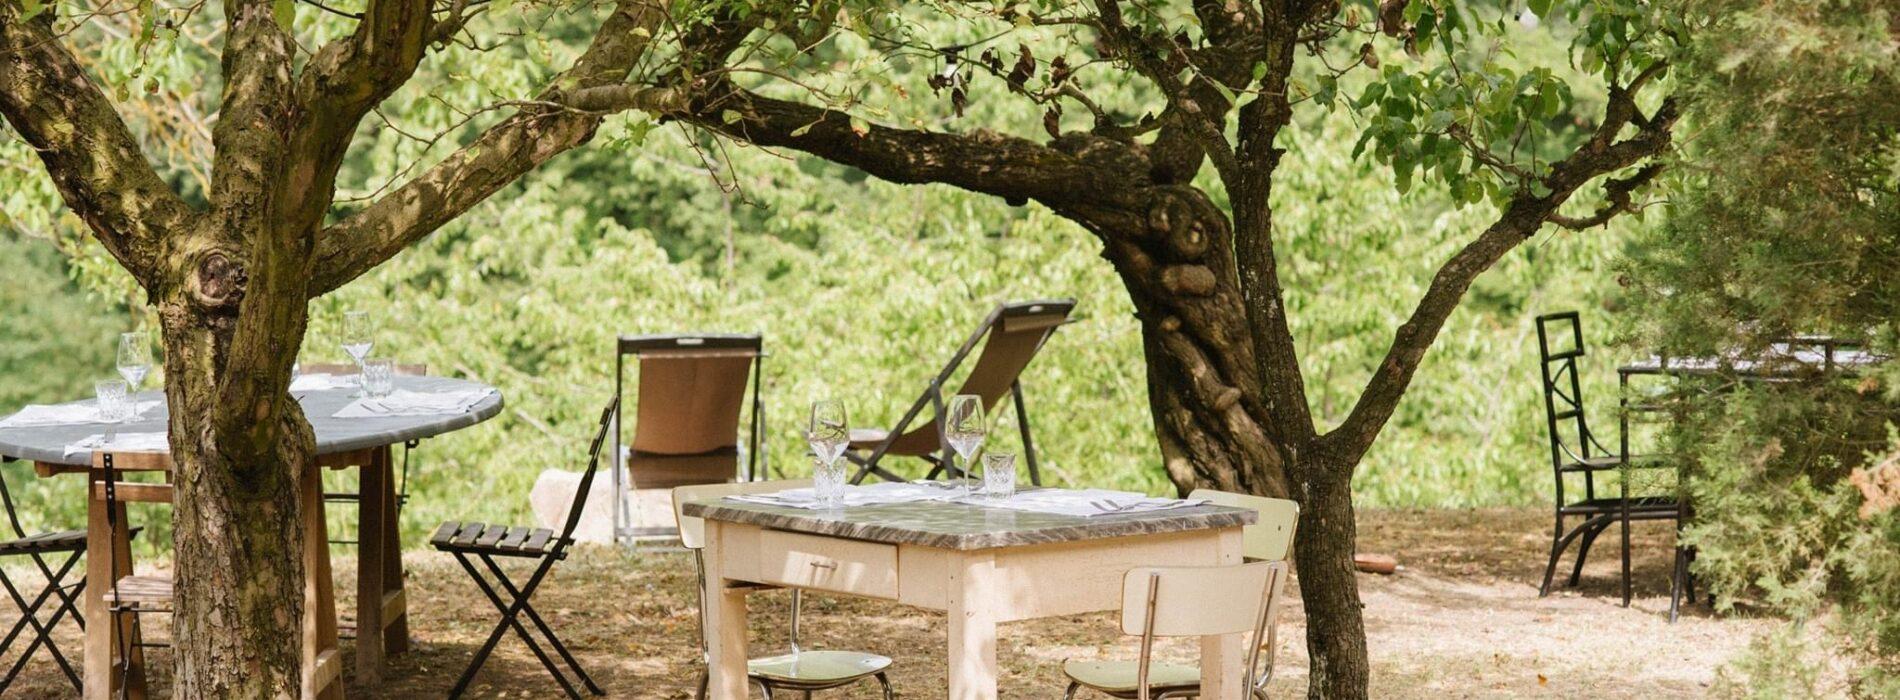 Sotto i Sassi, mangiare immersi nella natura tra castagni e frutteti in un Parco Regionale nell'Appennino emiliano